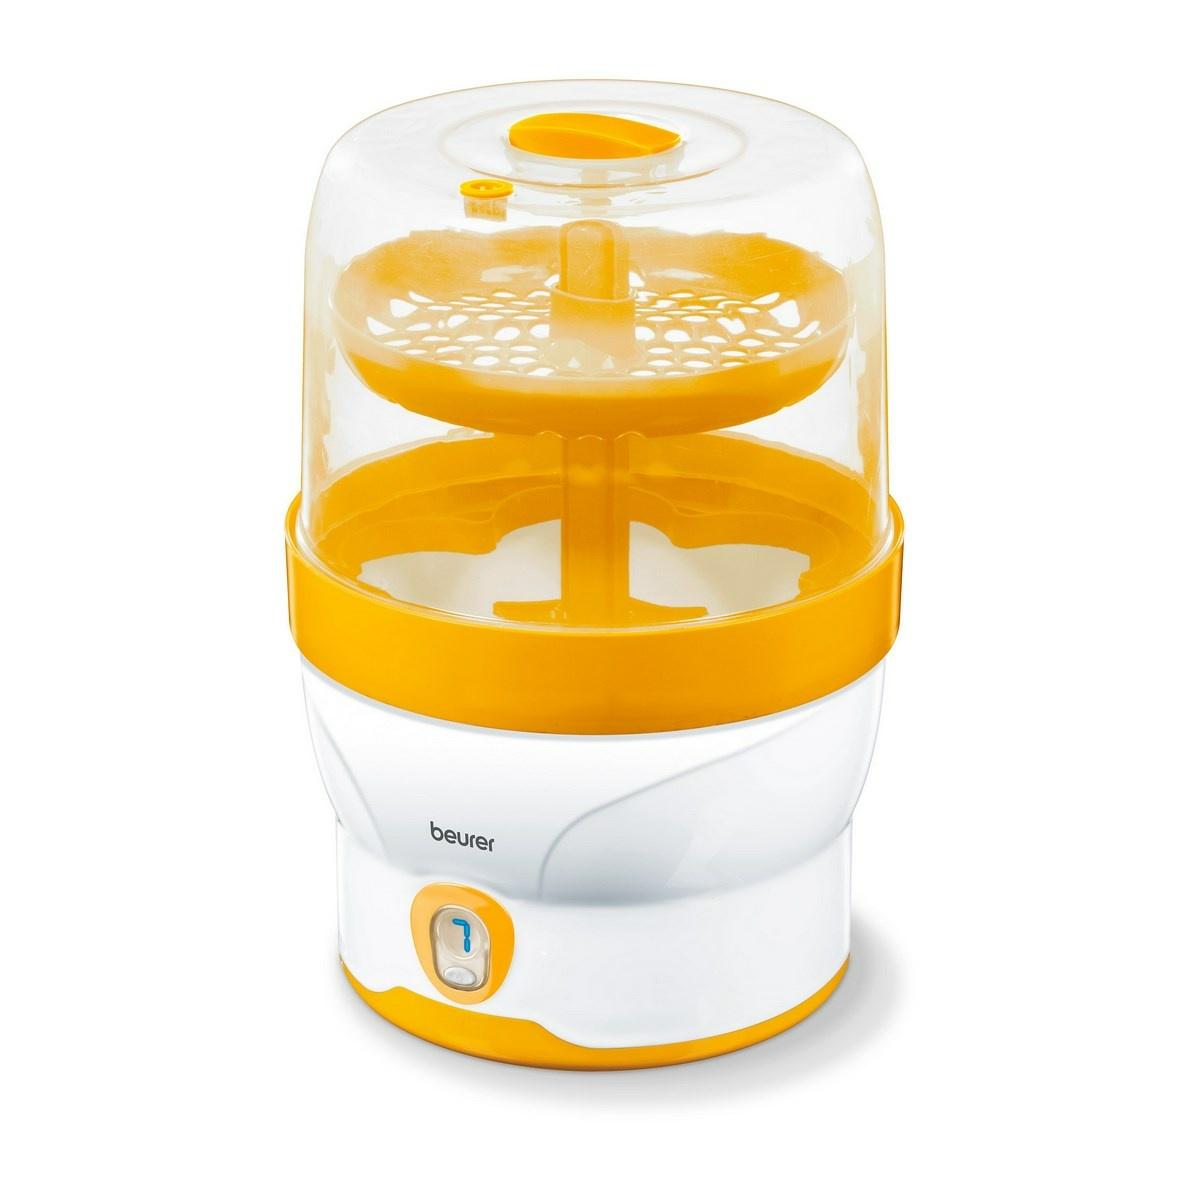 Beurer BEU-BY76 digitálny parný sterilizátor